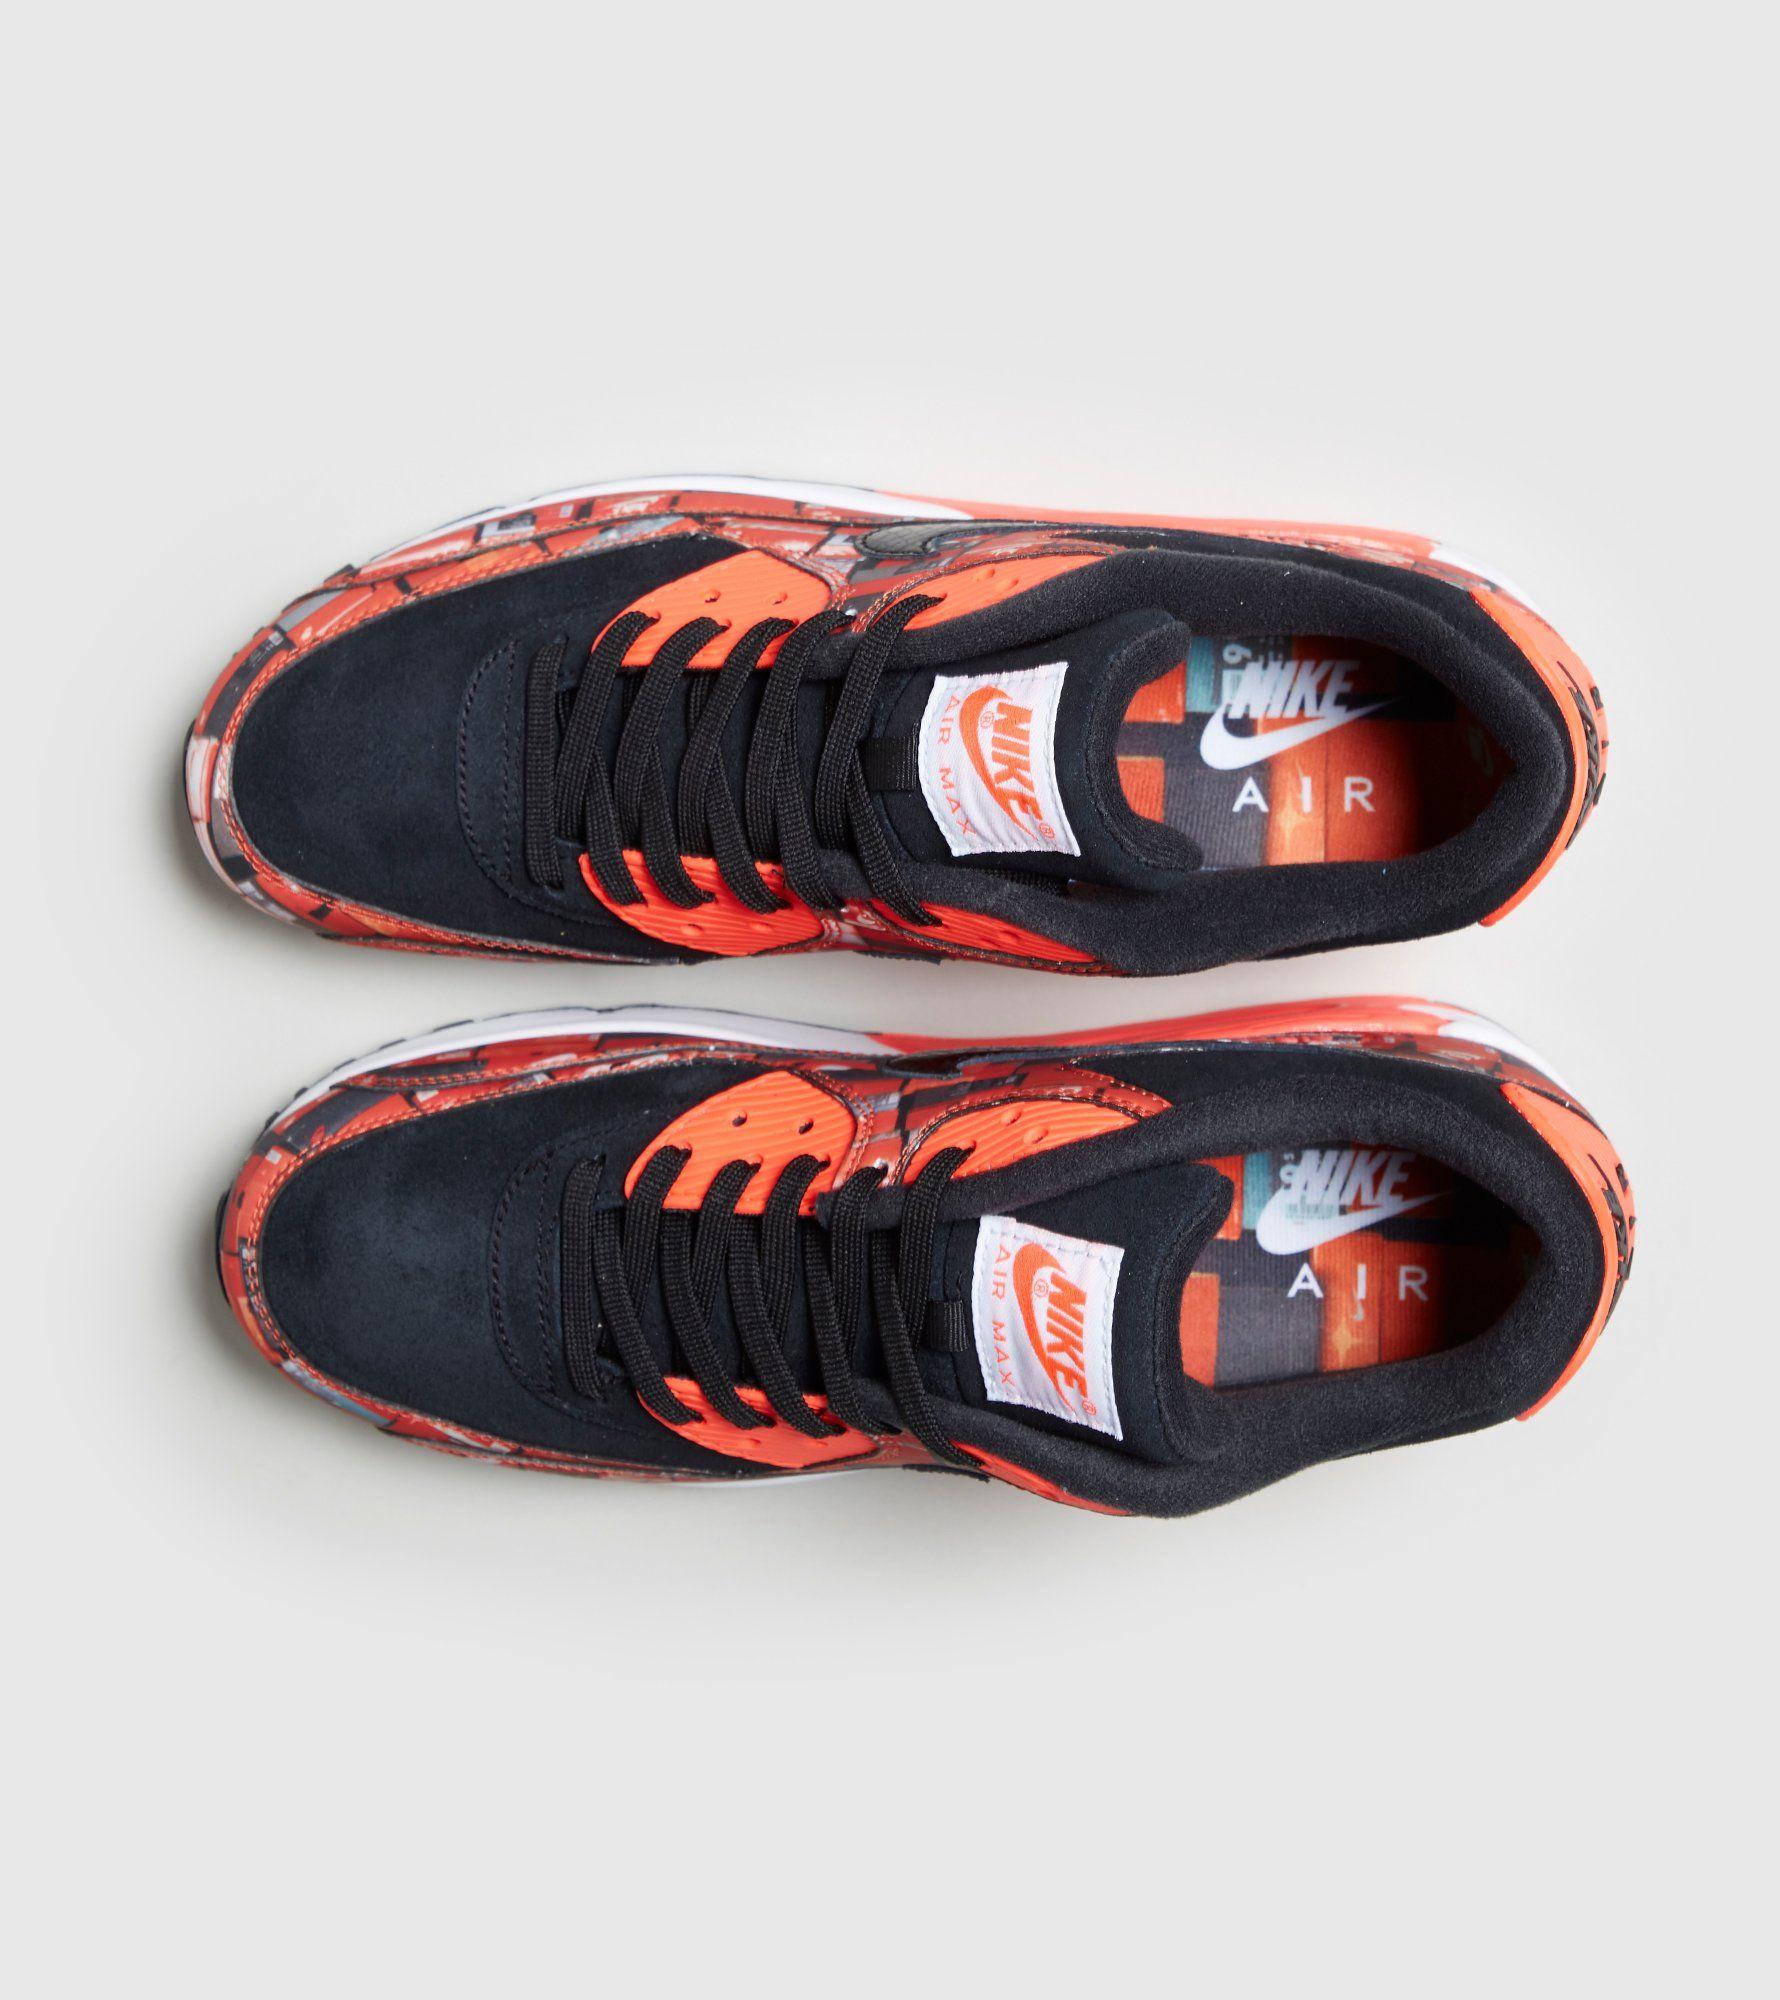 Nike x atmos Air Max 90 'Print'